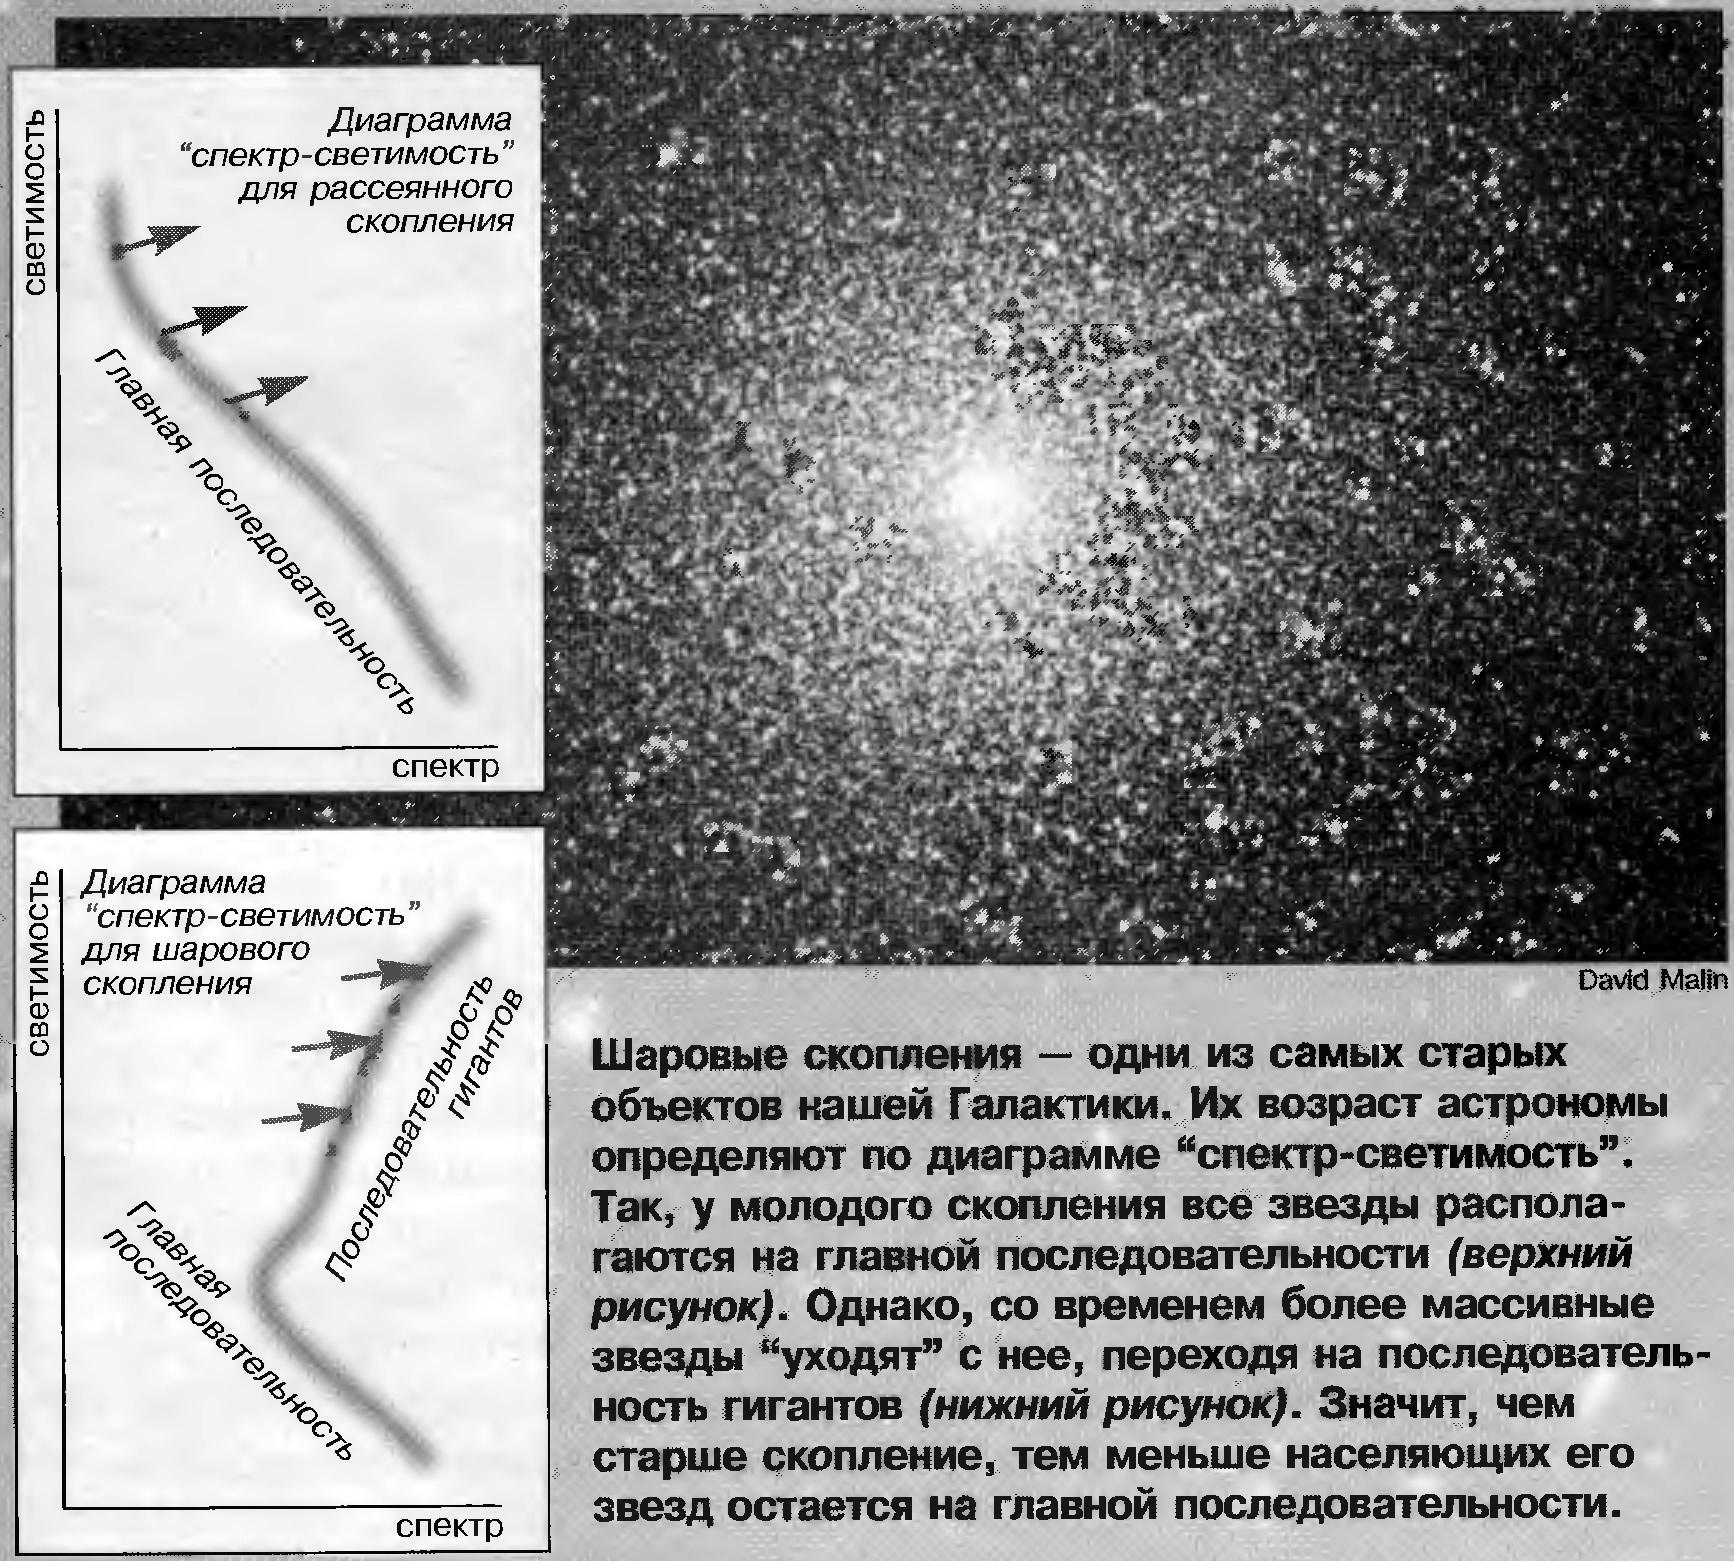 Диаграмма спектр-светимость шаровых скоплений